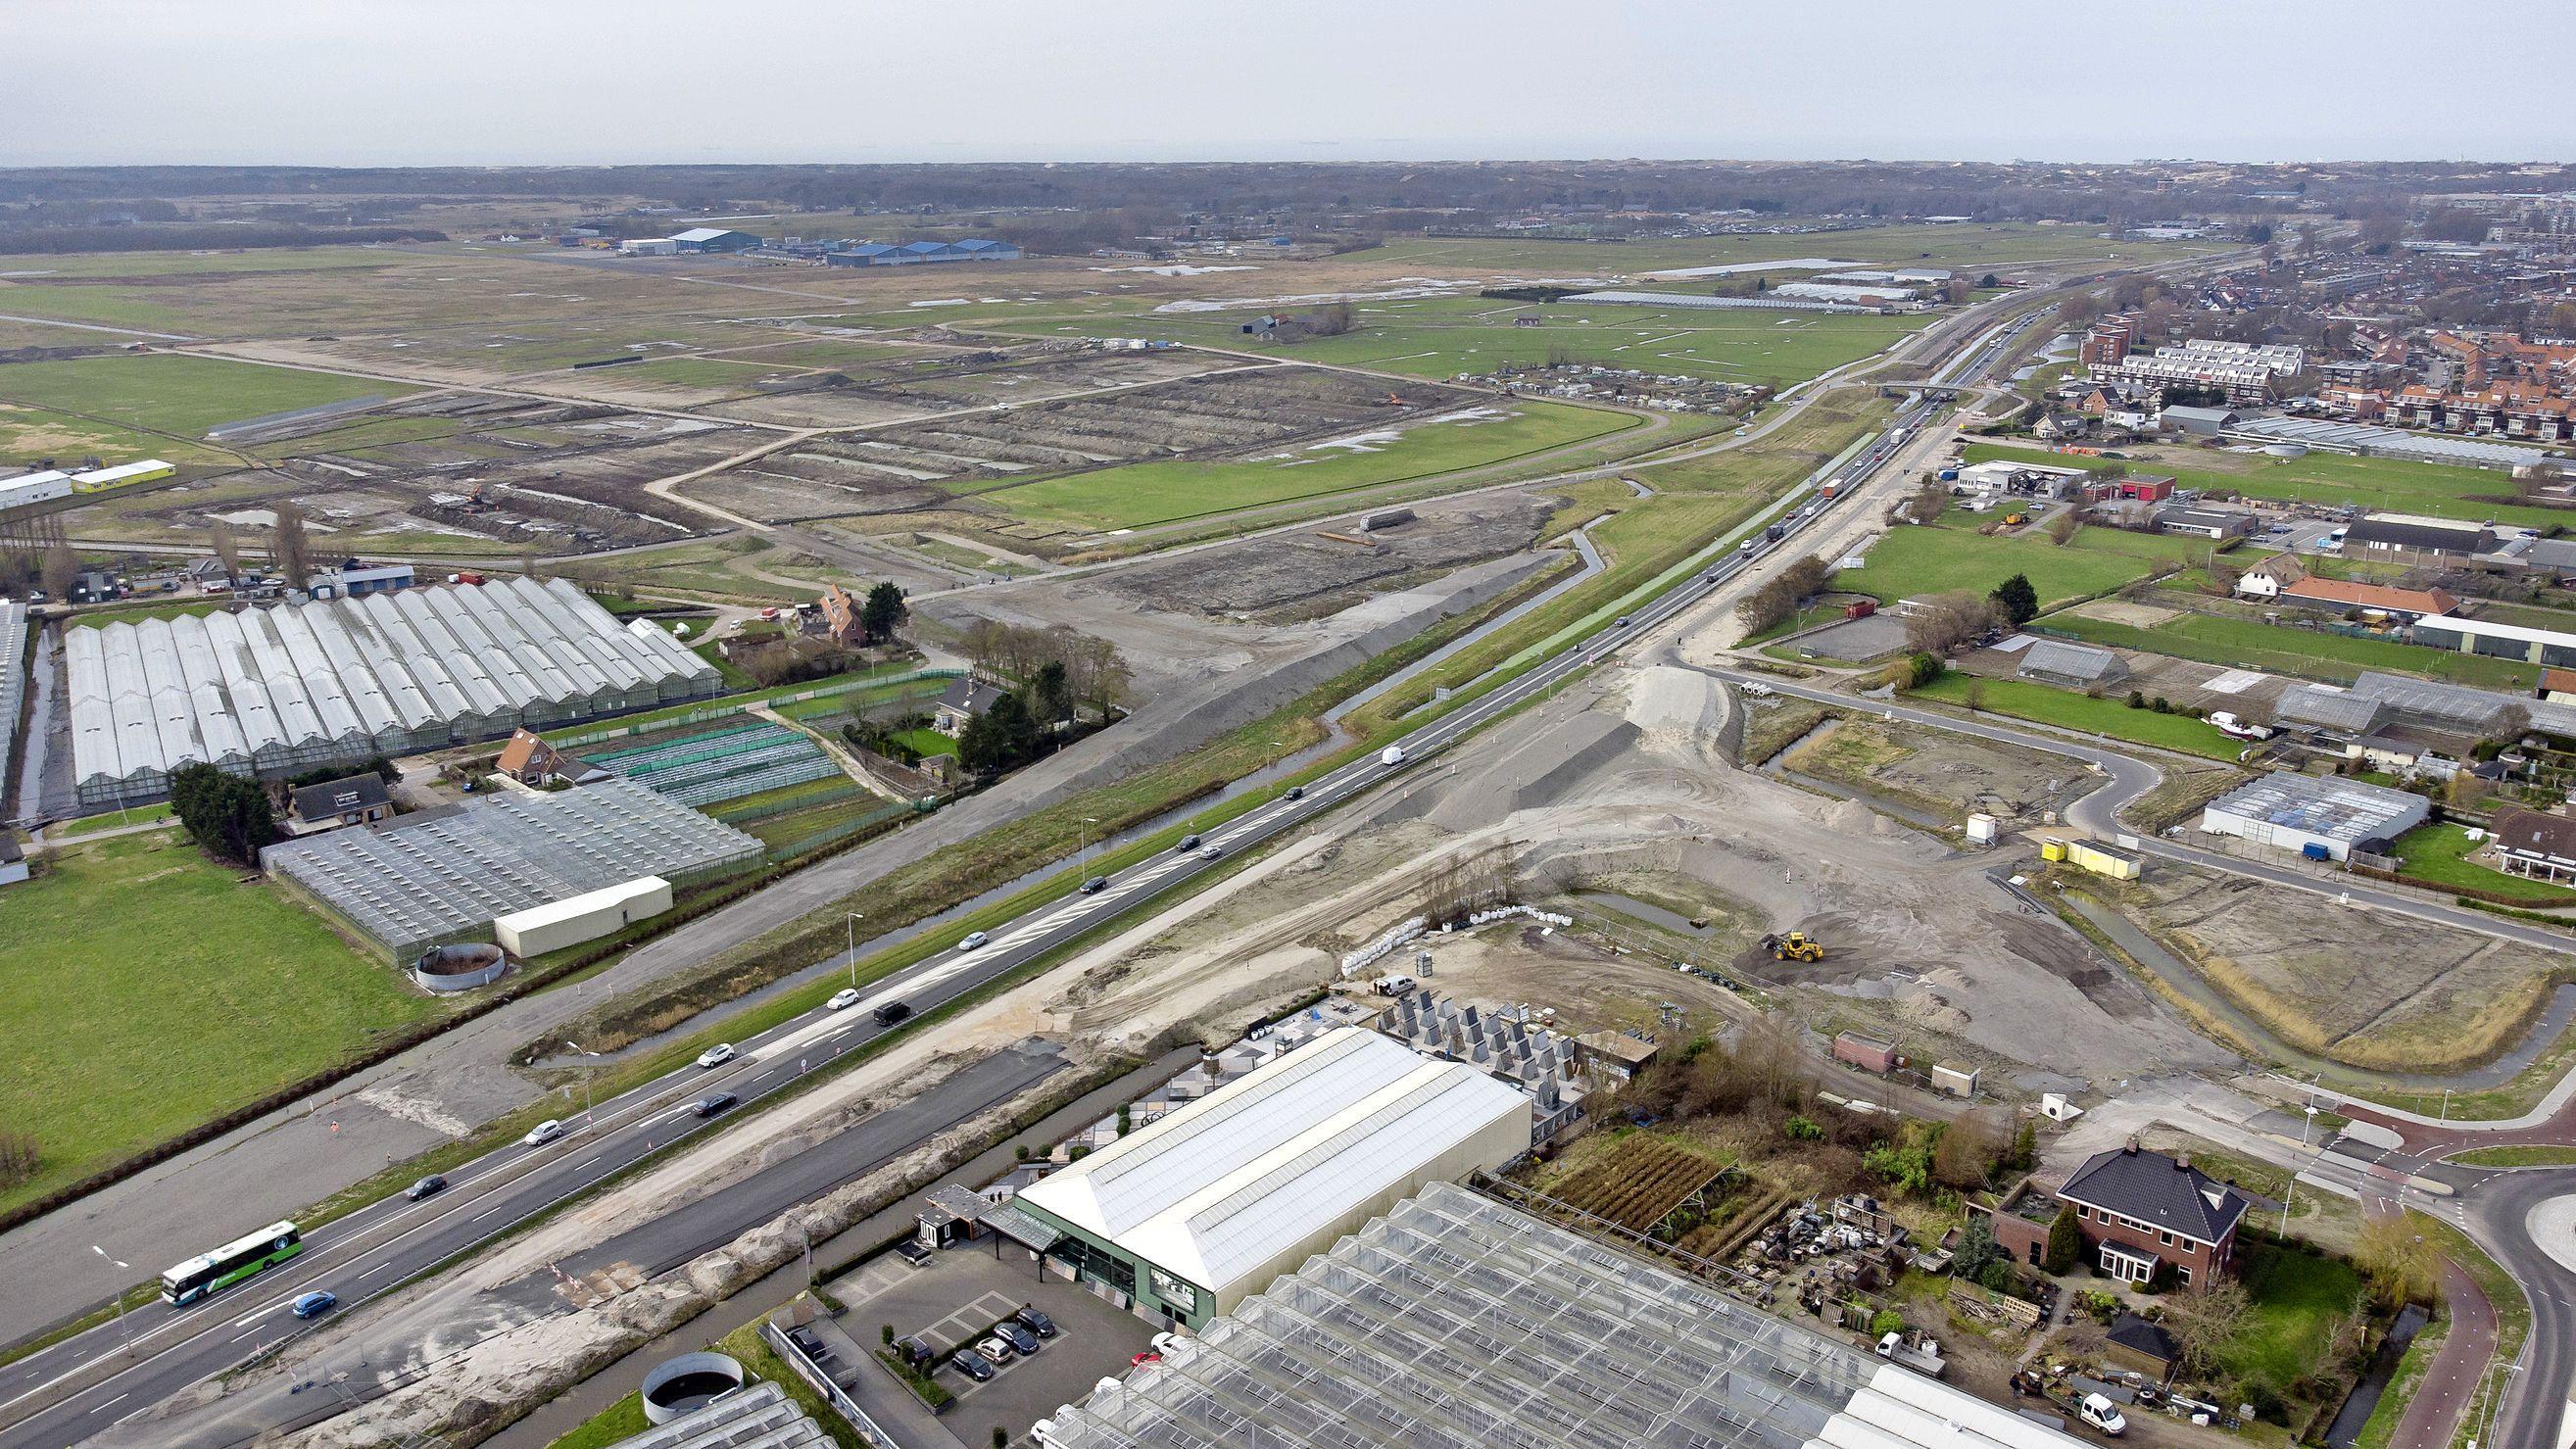 Kwekers niet gelukkig met nieuwe ontsluiting Valkenburgse glastuinbouwgebieden: 'Bang dat er ongelukken gebeuren'